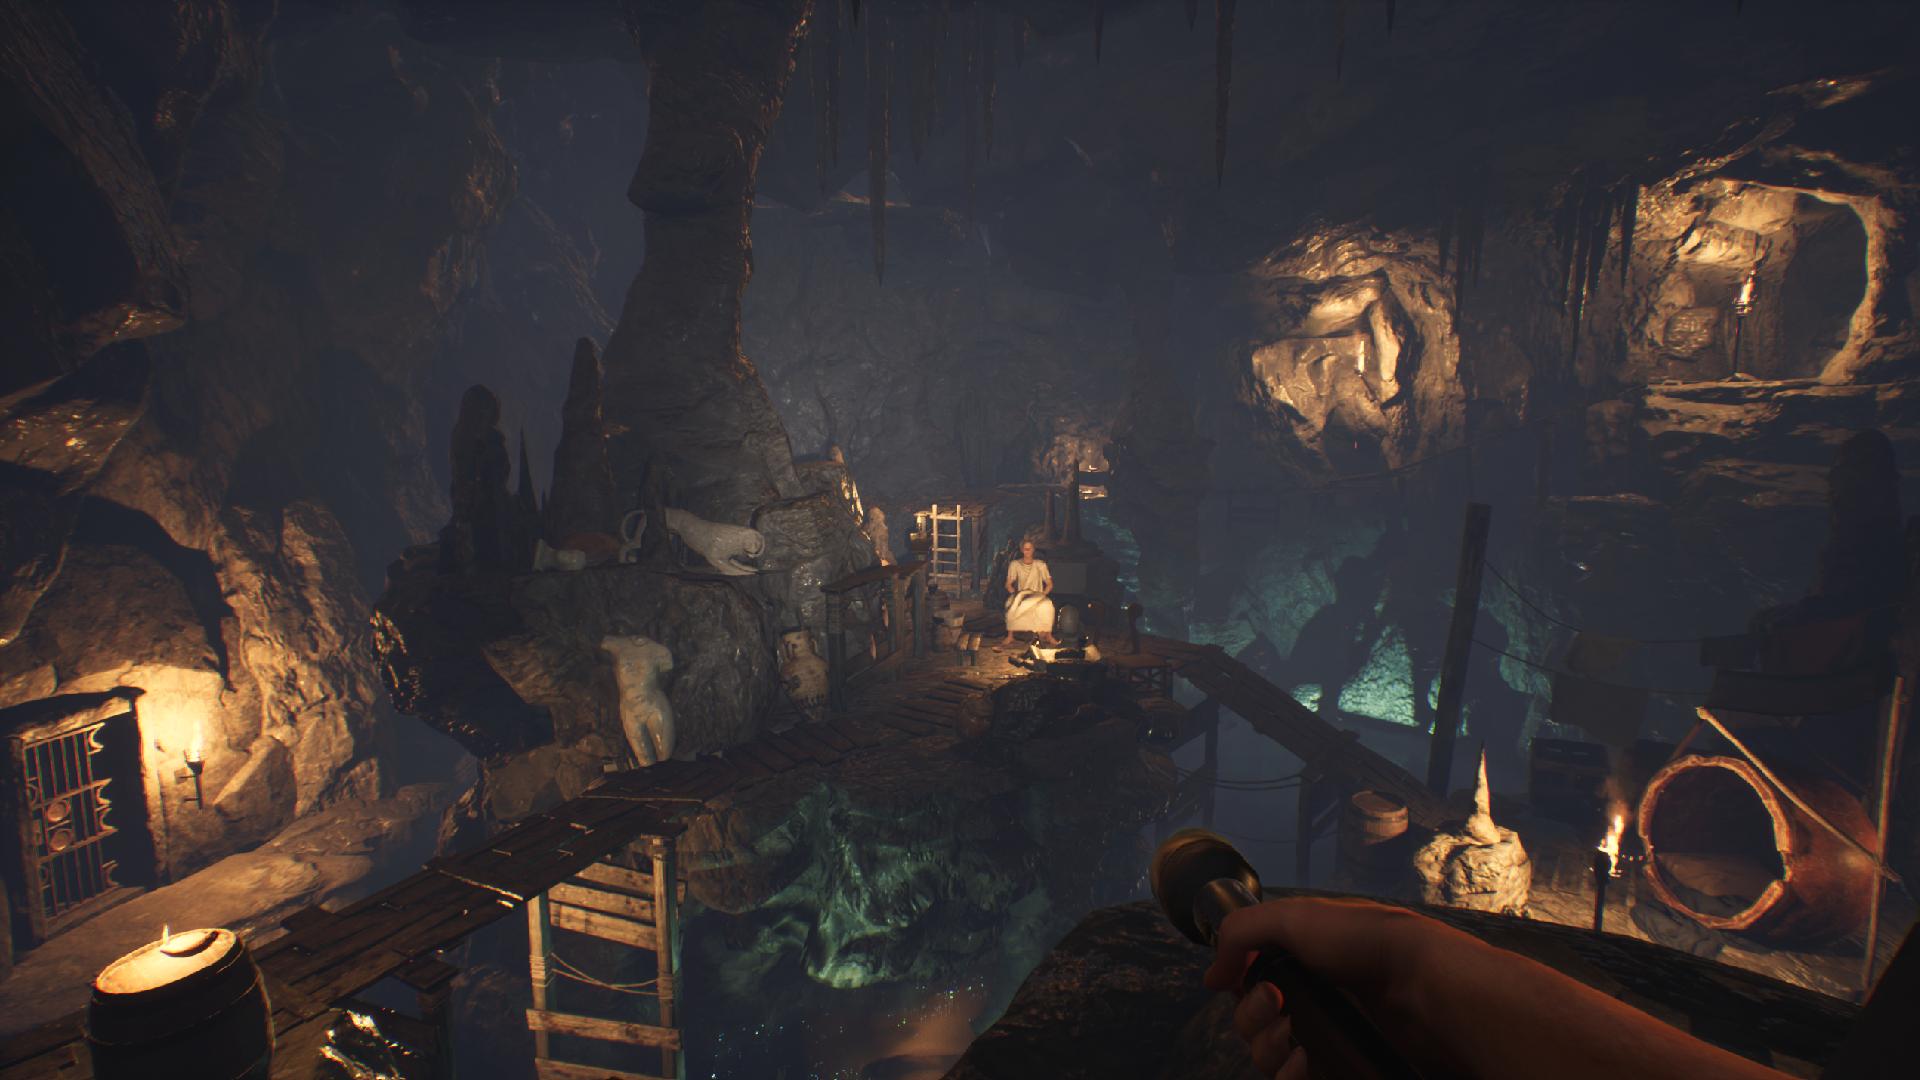 Giới thiệu game trinh thám The Forgotten City: Dev giật giải danh giá của Hiệp hội Nhà văn, bỏ ngành luật để theo đuổi đam mê làm game - Ảnh 6.